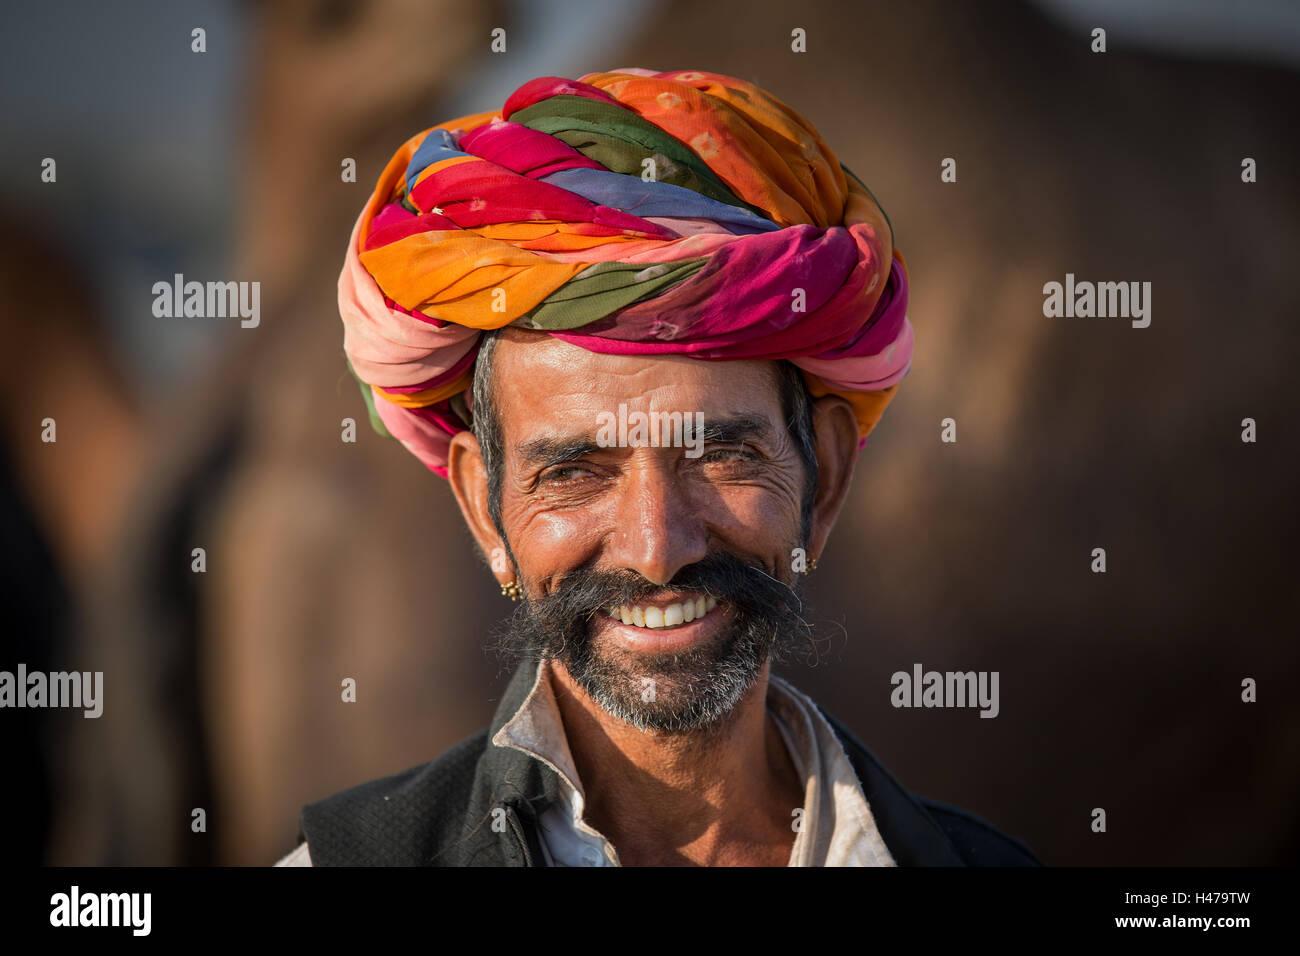 Ritratto di Rajasthani e con un turbante, Pushkar, Rajasthan, India Immagini Stock